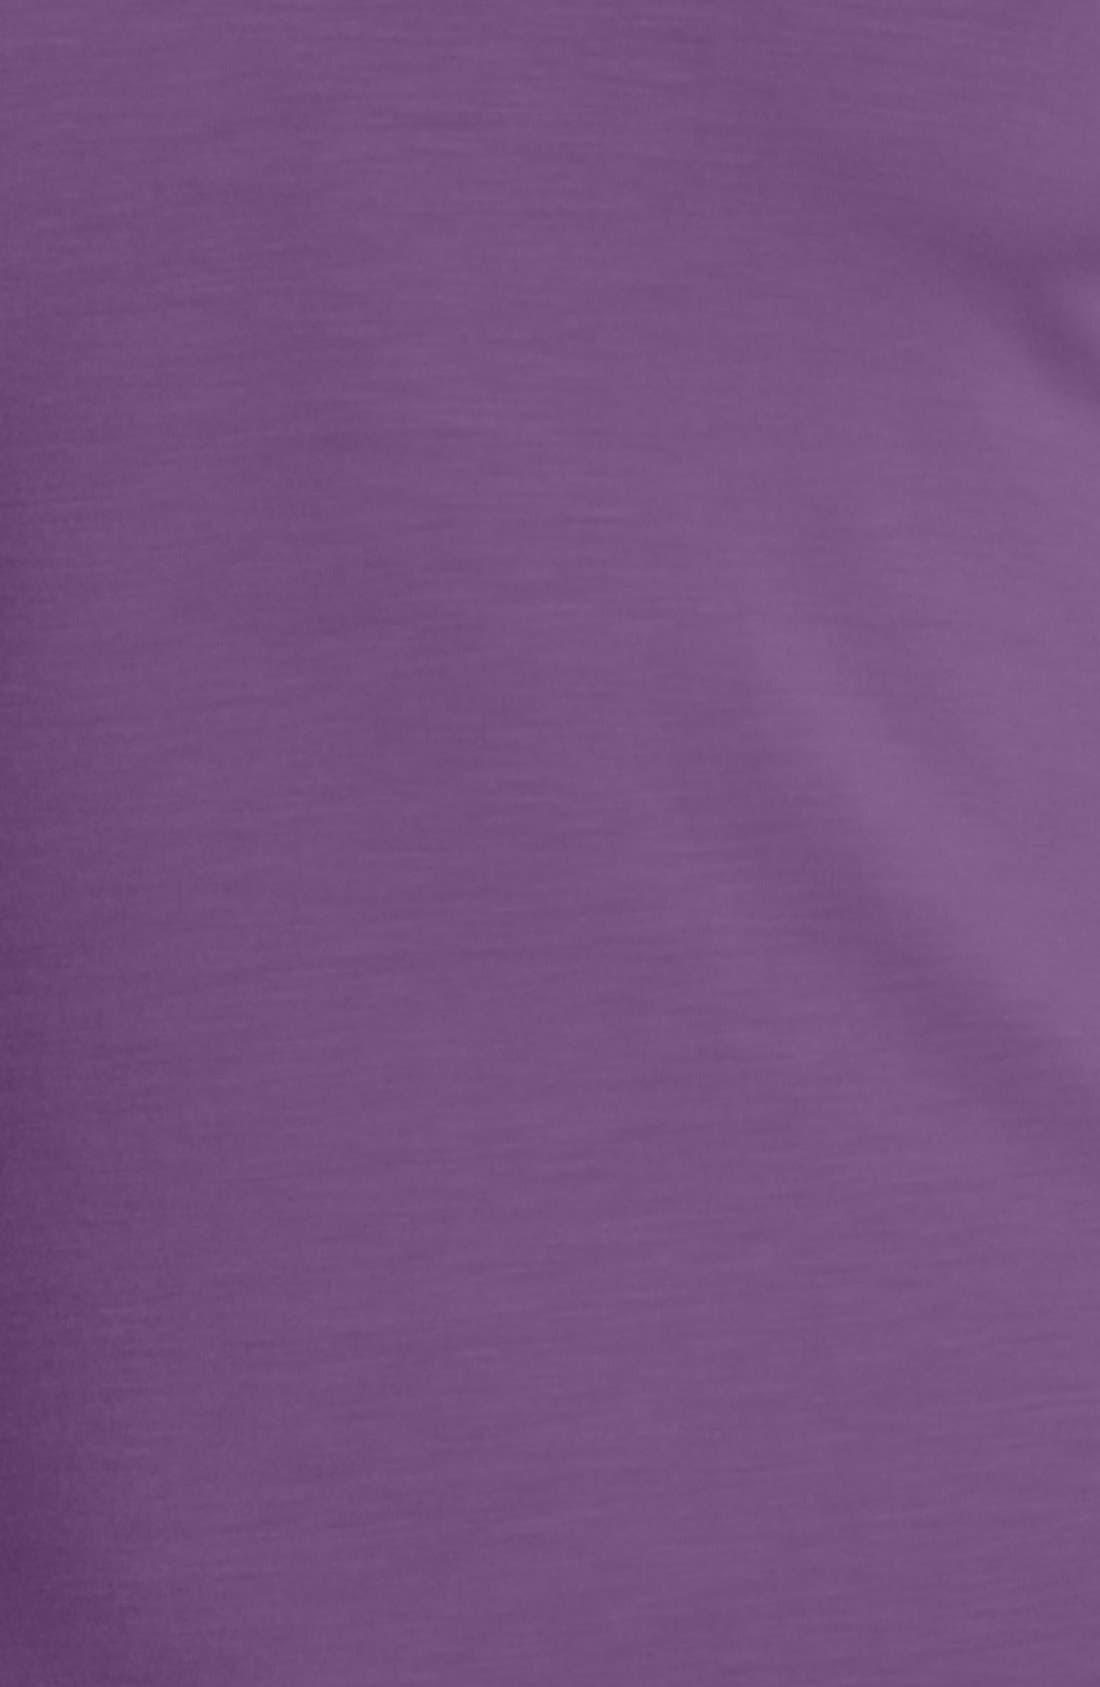 Alternate Image 3  - Armani Collezioni Jersey Top